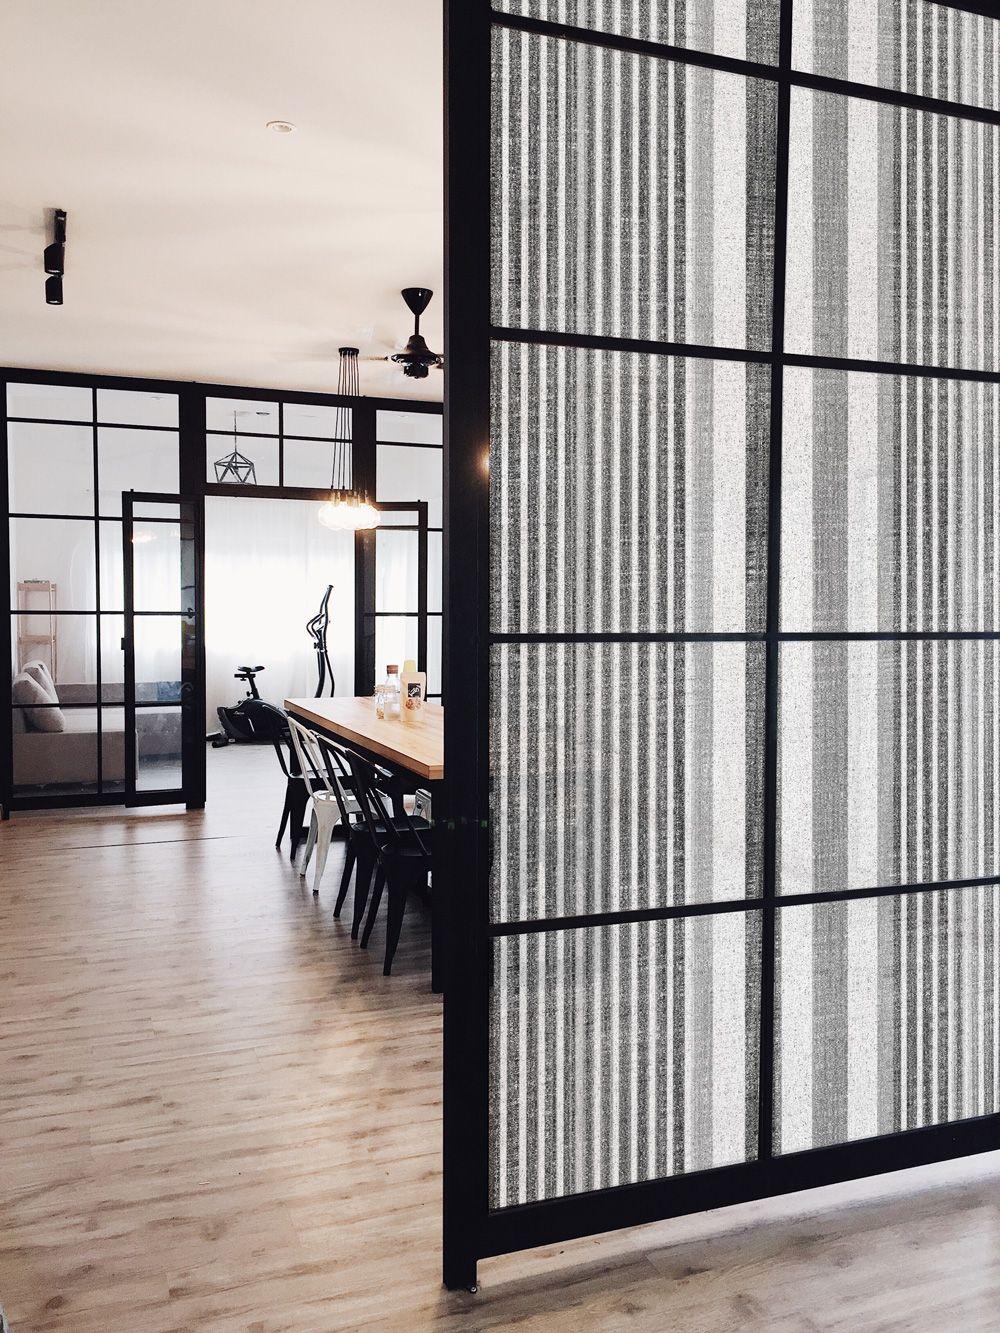 Epingle Par Acte Deco Sur Collection Glass Deco Films Et Tissus Pour Vitrage Film Pour Vitrage Salle D Attente Maison